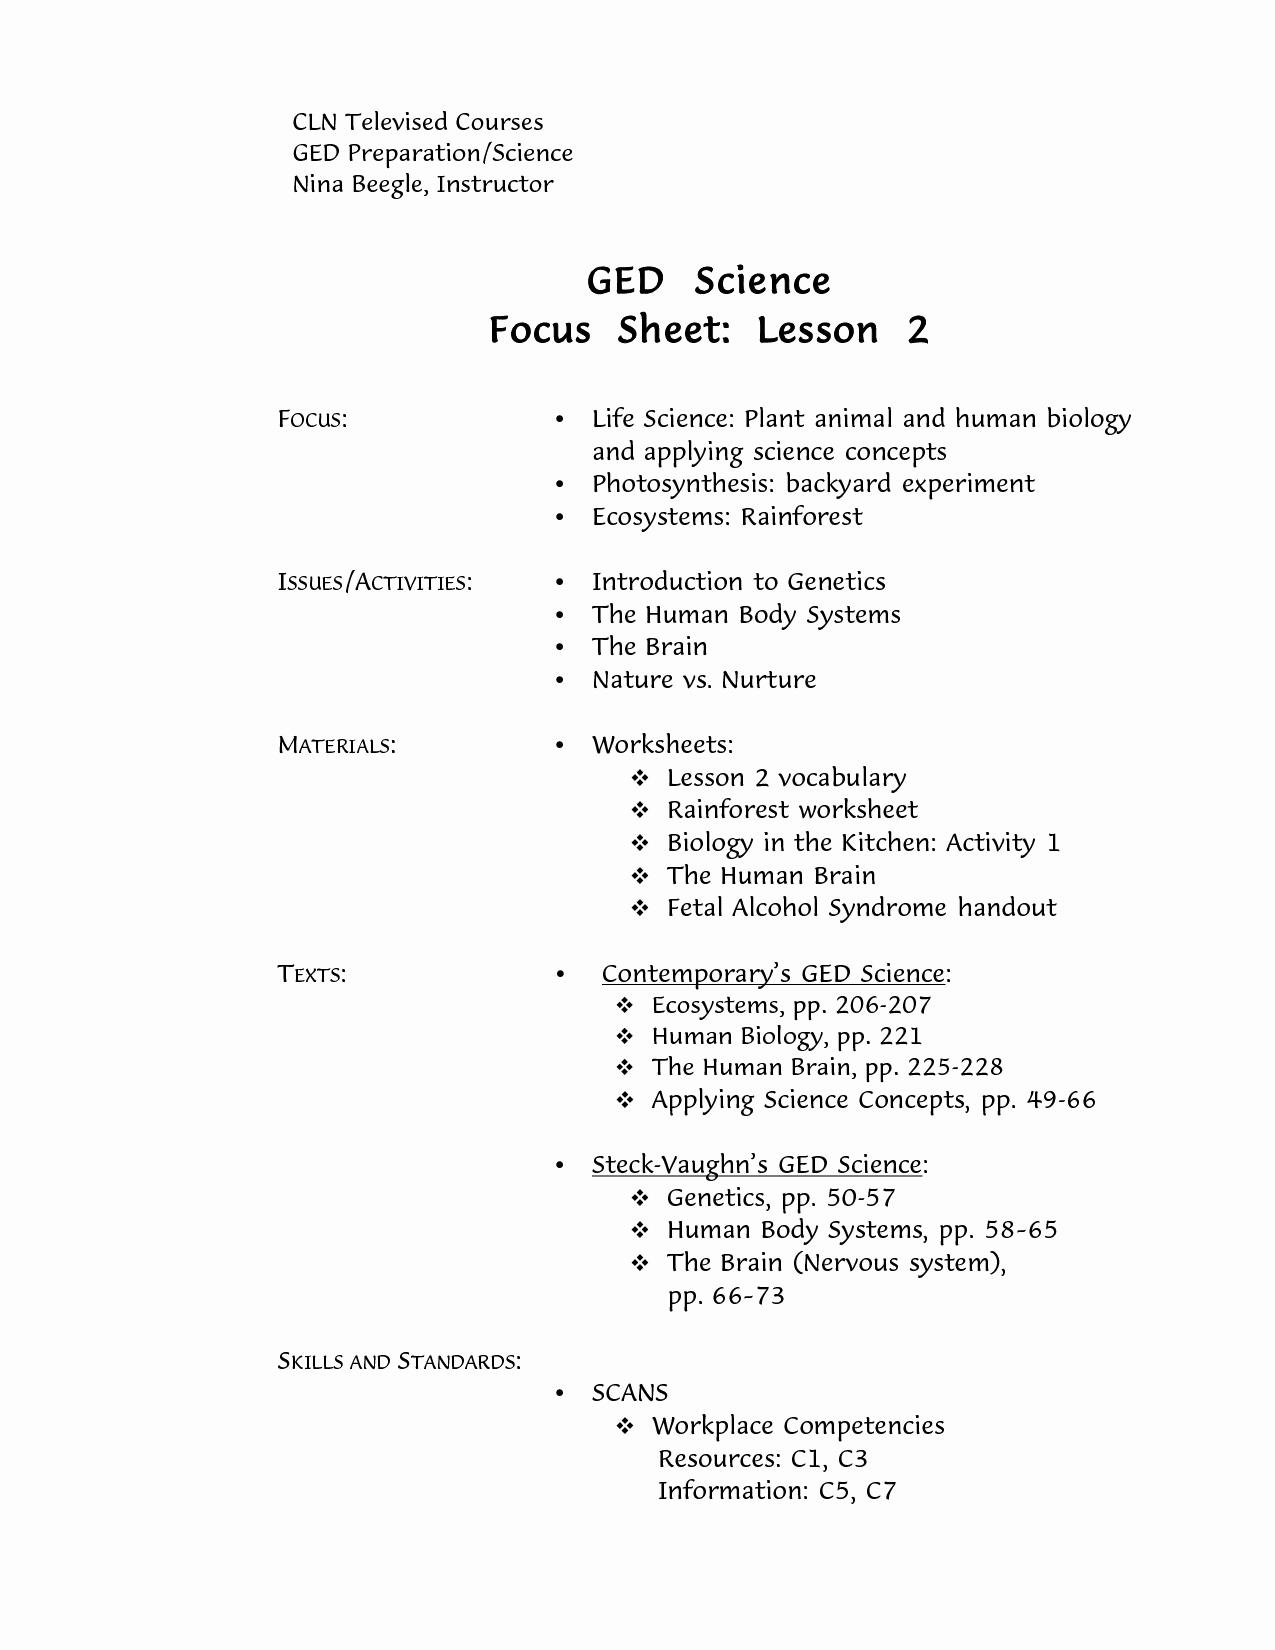 Printable Ged Practice Worksheets Pdf - Happy Living - Free Printable Ged Science Worksheets